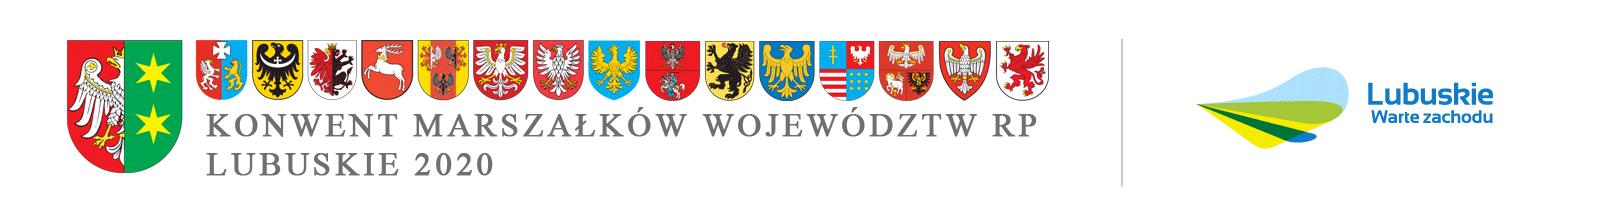 Konwent Marszałków Województw RP 2020 – Lubuskie